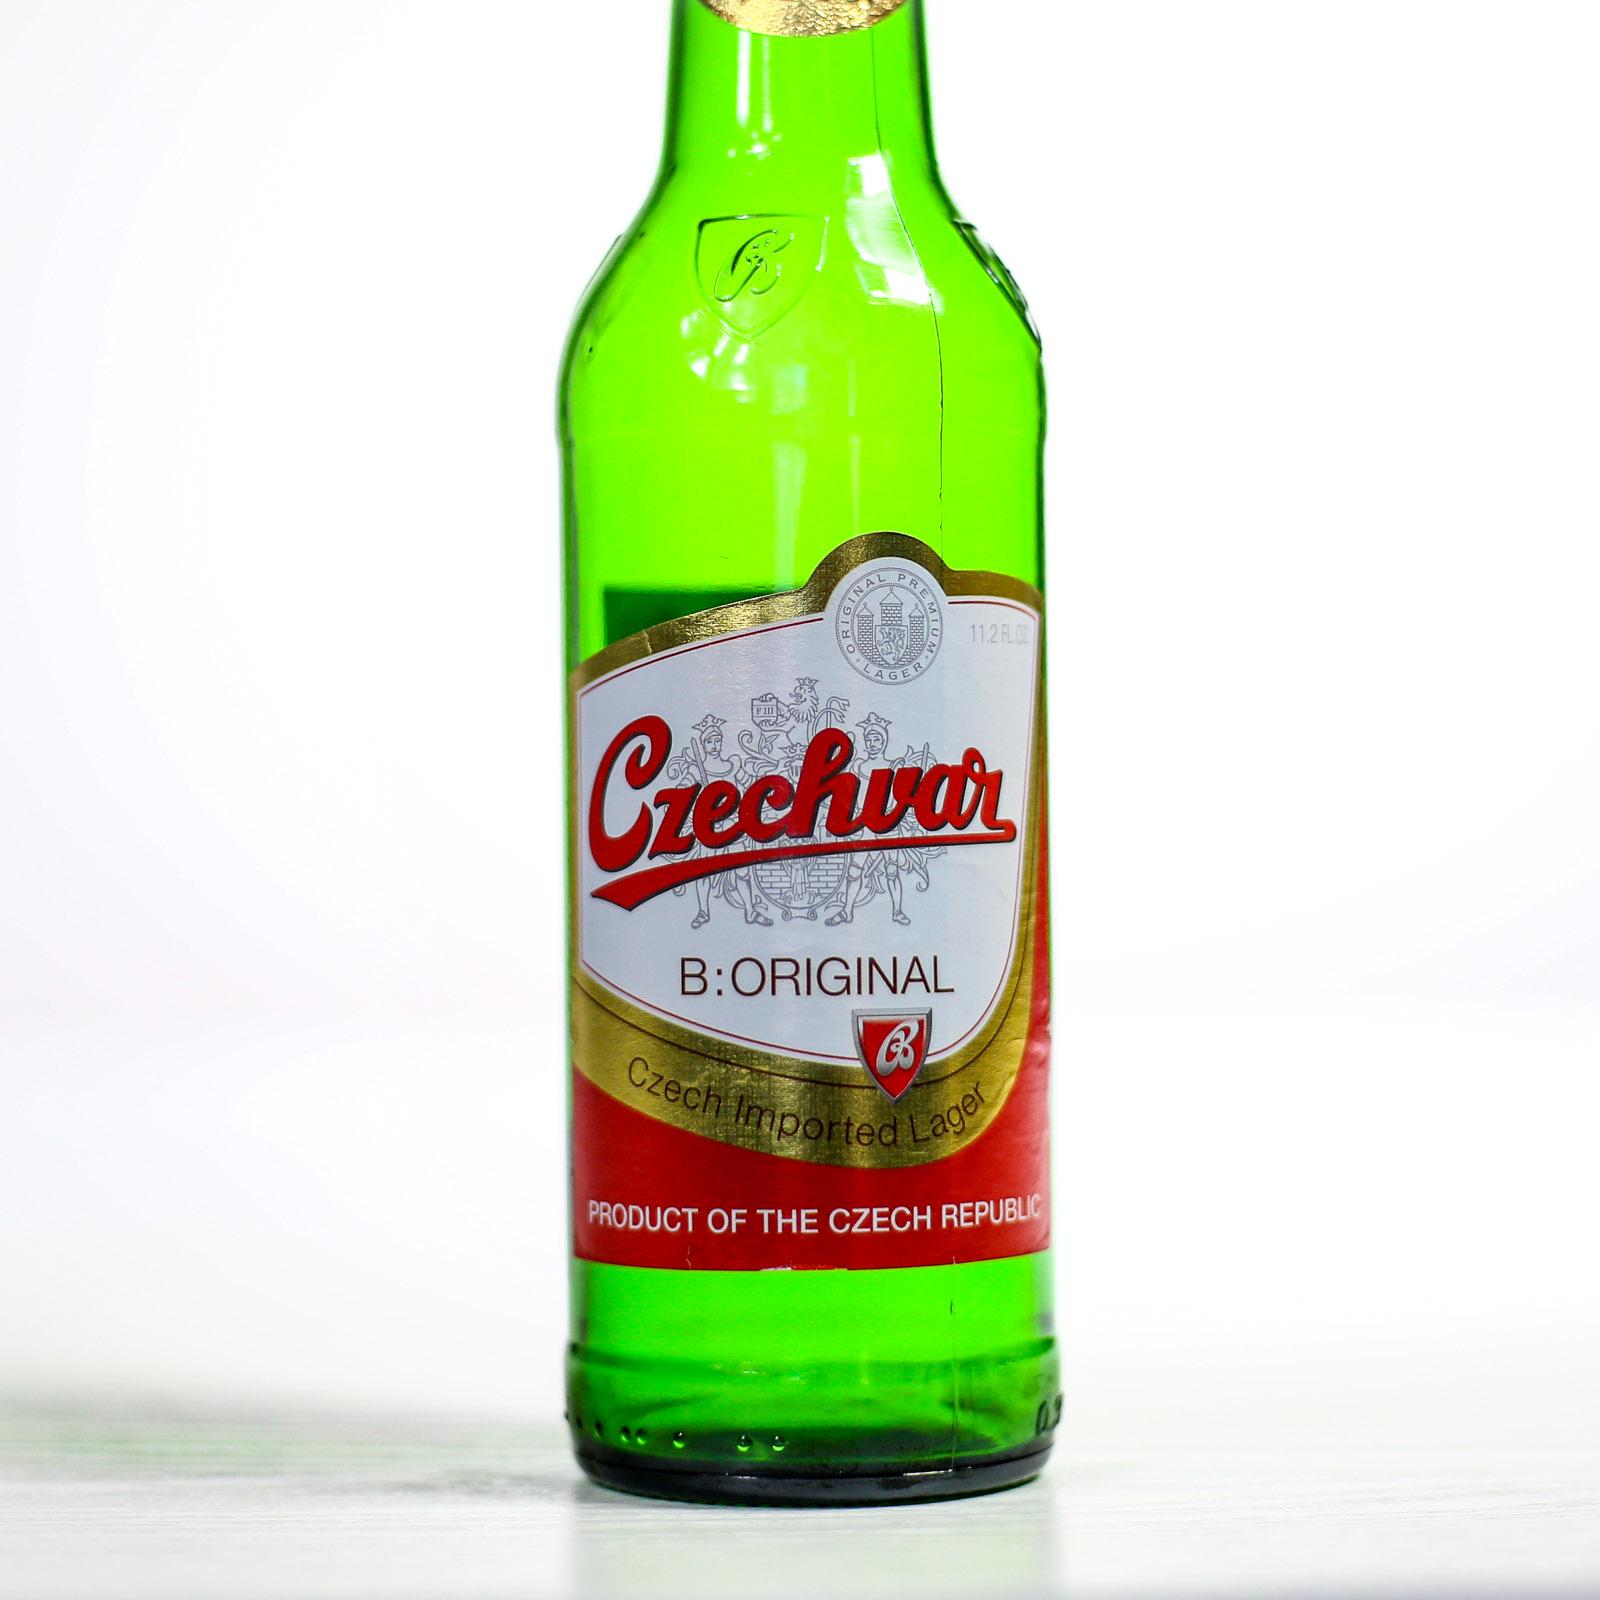 Budějovický Budvar - Budweiser Budvar B:ORIGINAL / Czechvar B:ORIGINAL